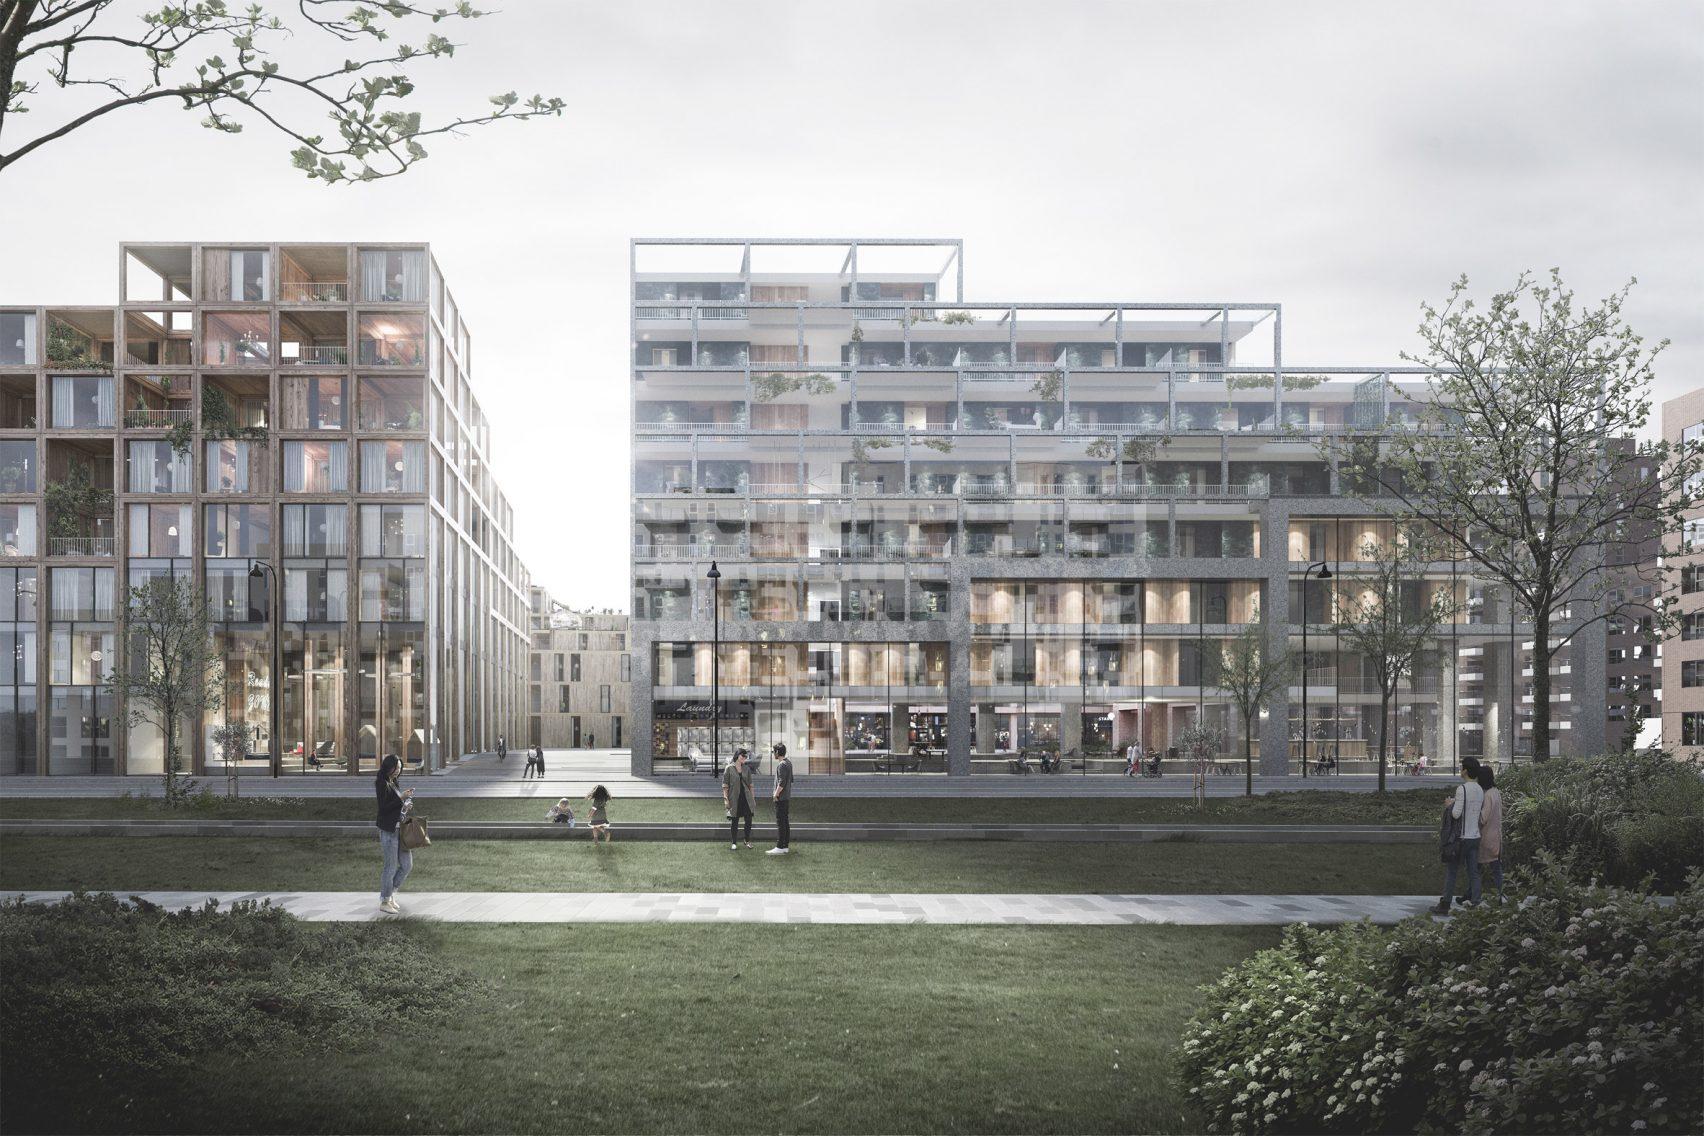 코펜하겐에 친환경 시범도시 'UN17' 건설 예정